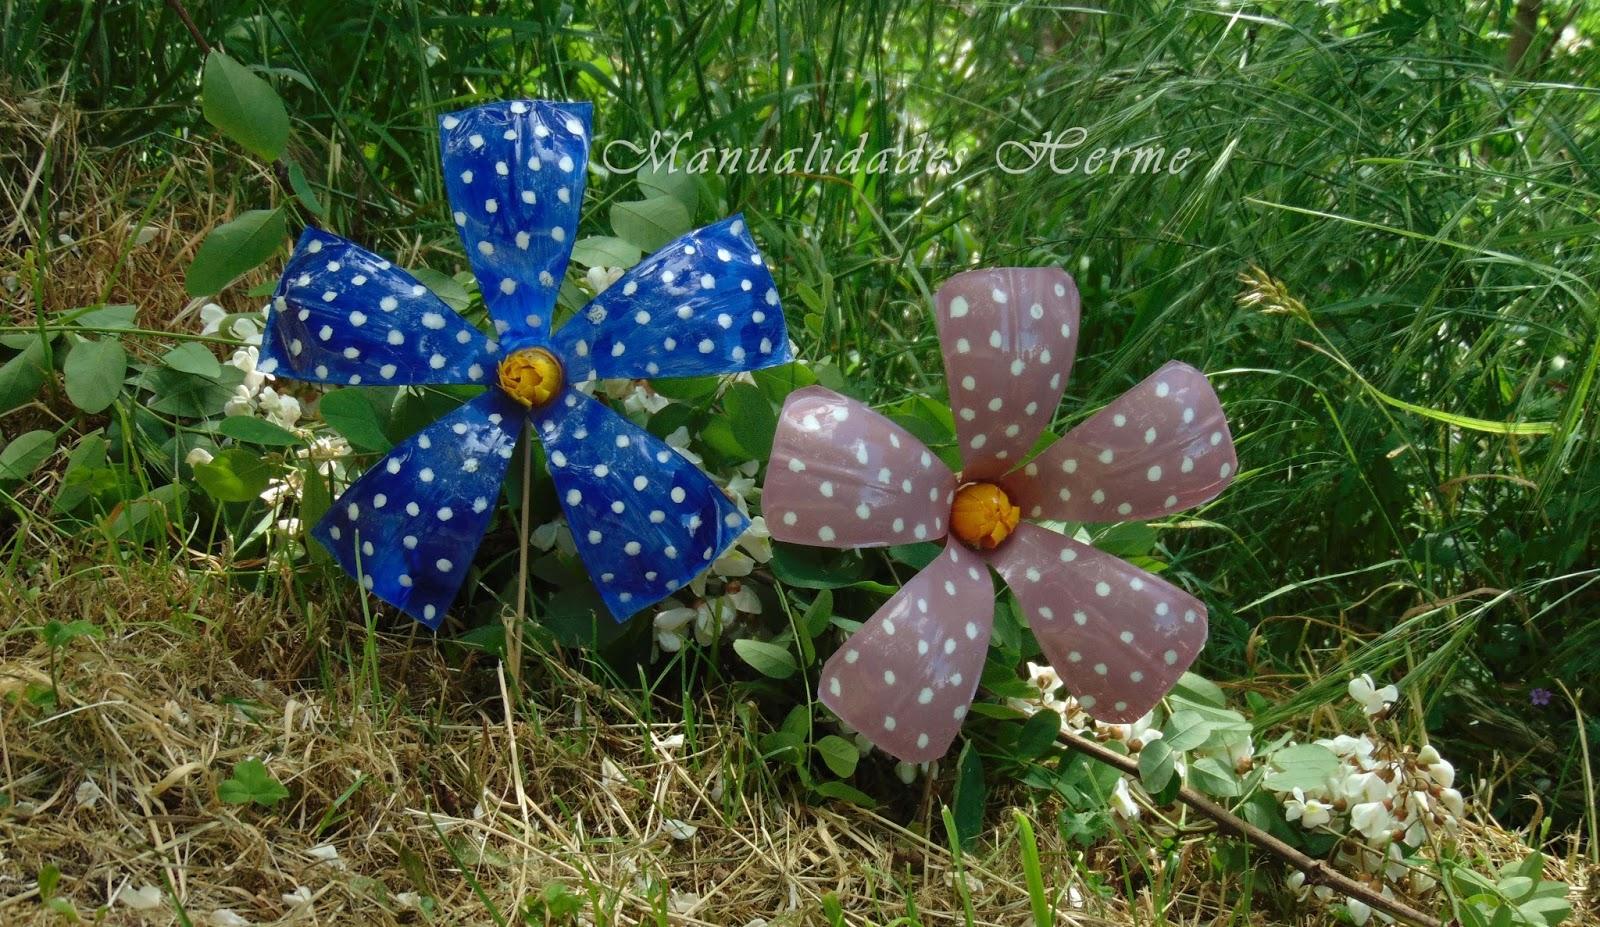 Manualidades herme como hacer flores con botellas for Ideas para decorar un jardin economico